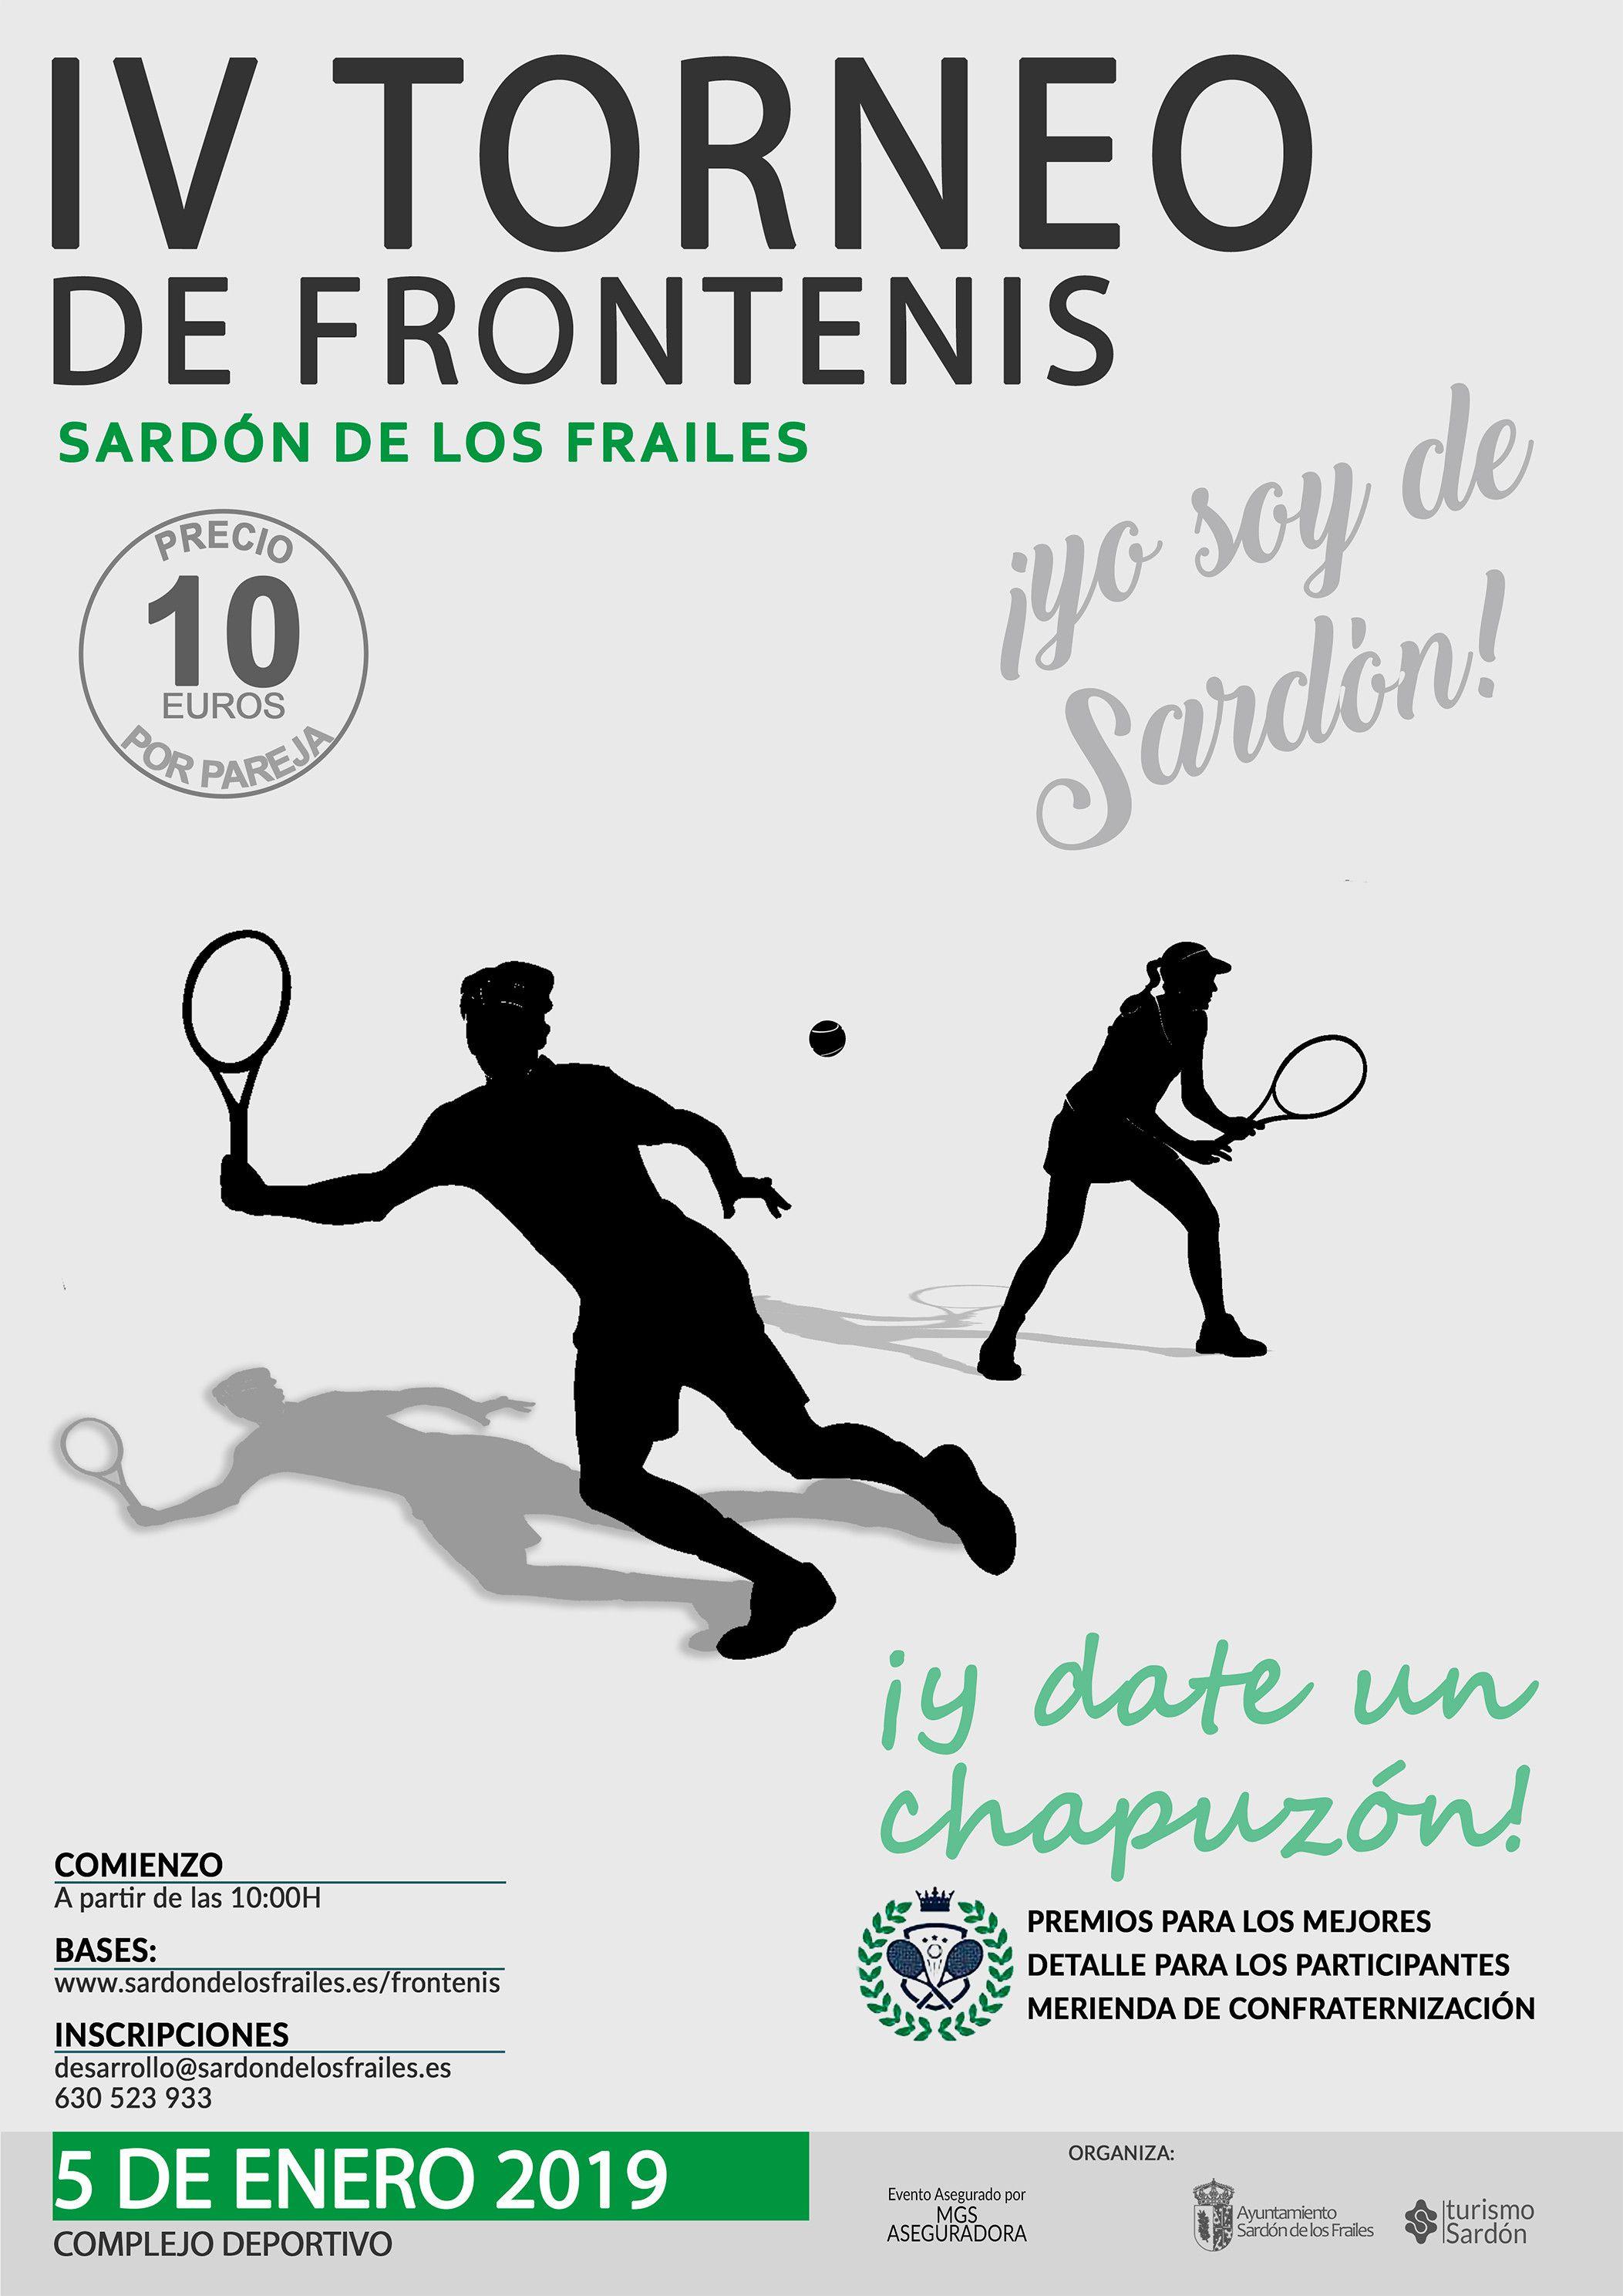 CARTEL DE FRONTENIS